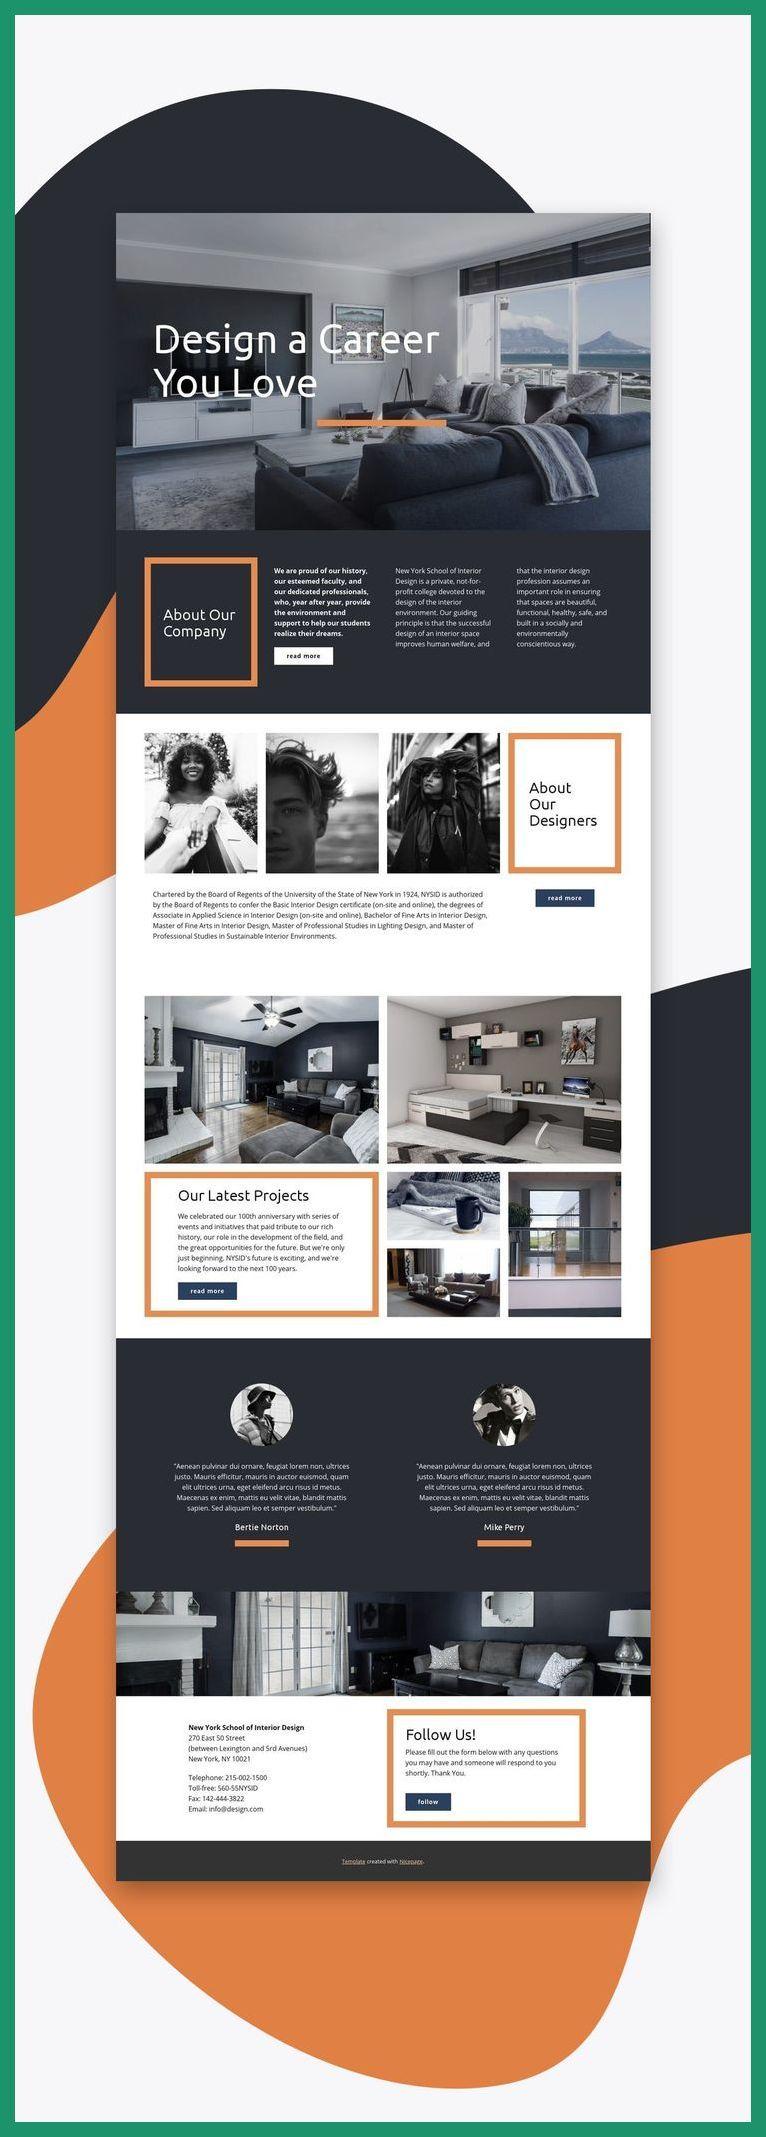 Web Design Mobile Interior Web Template Web Design Tutorial Website Templates Simple Web Design Web Layout Design Interior Design Website